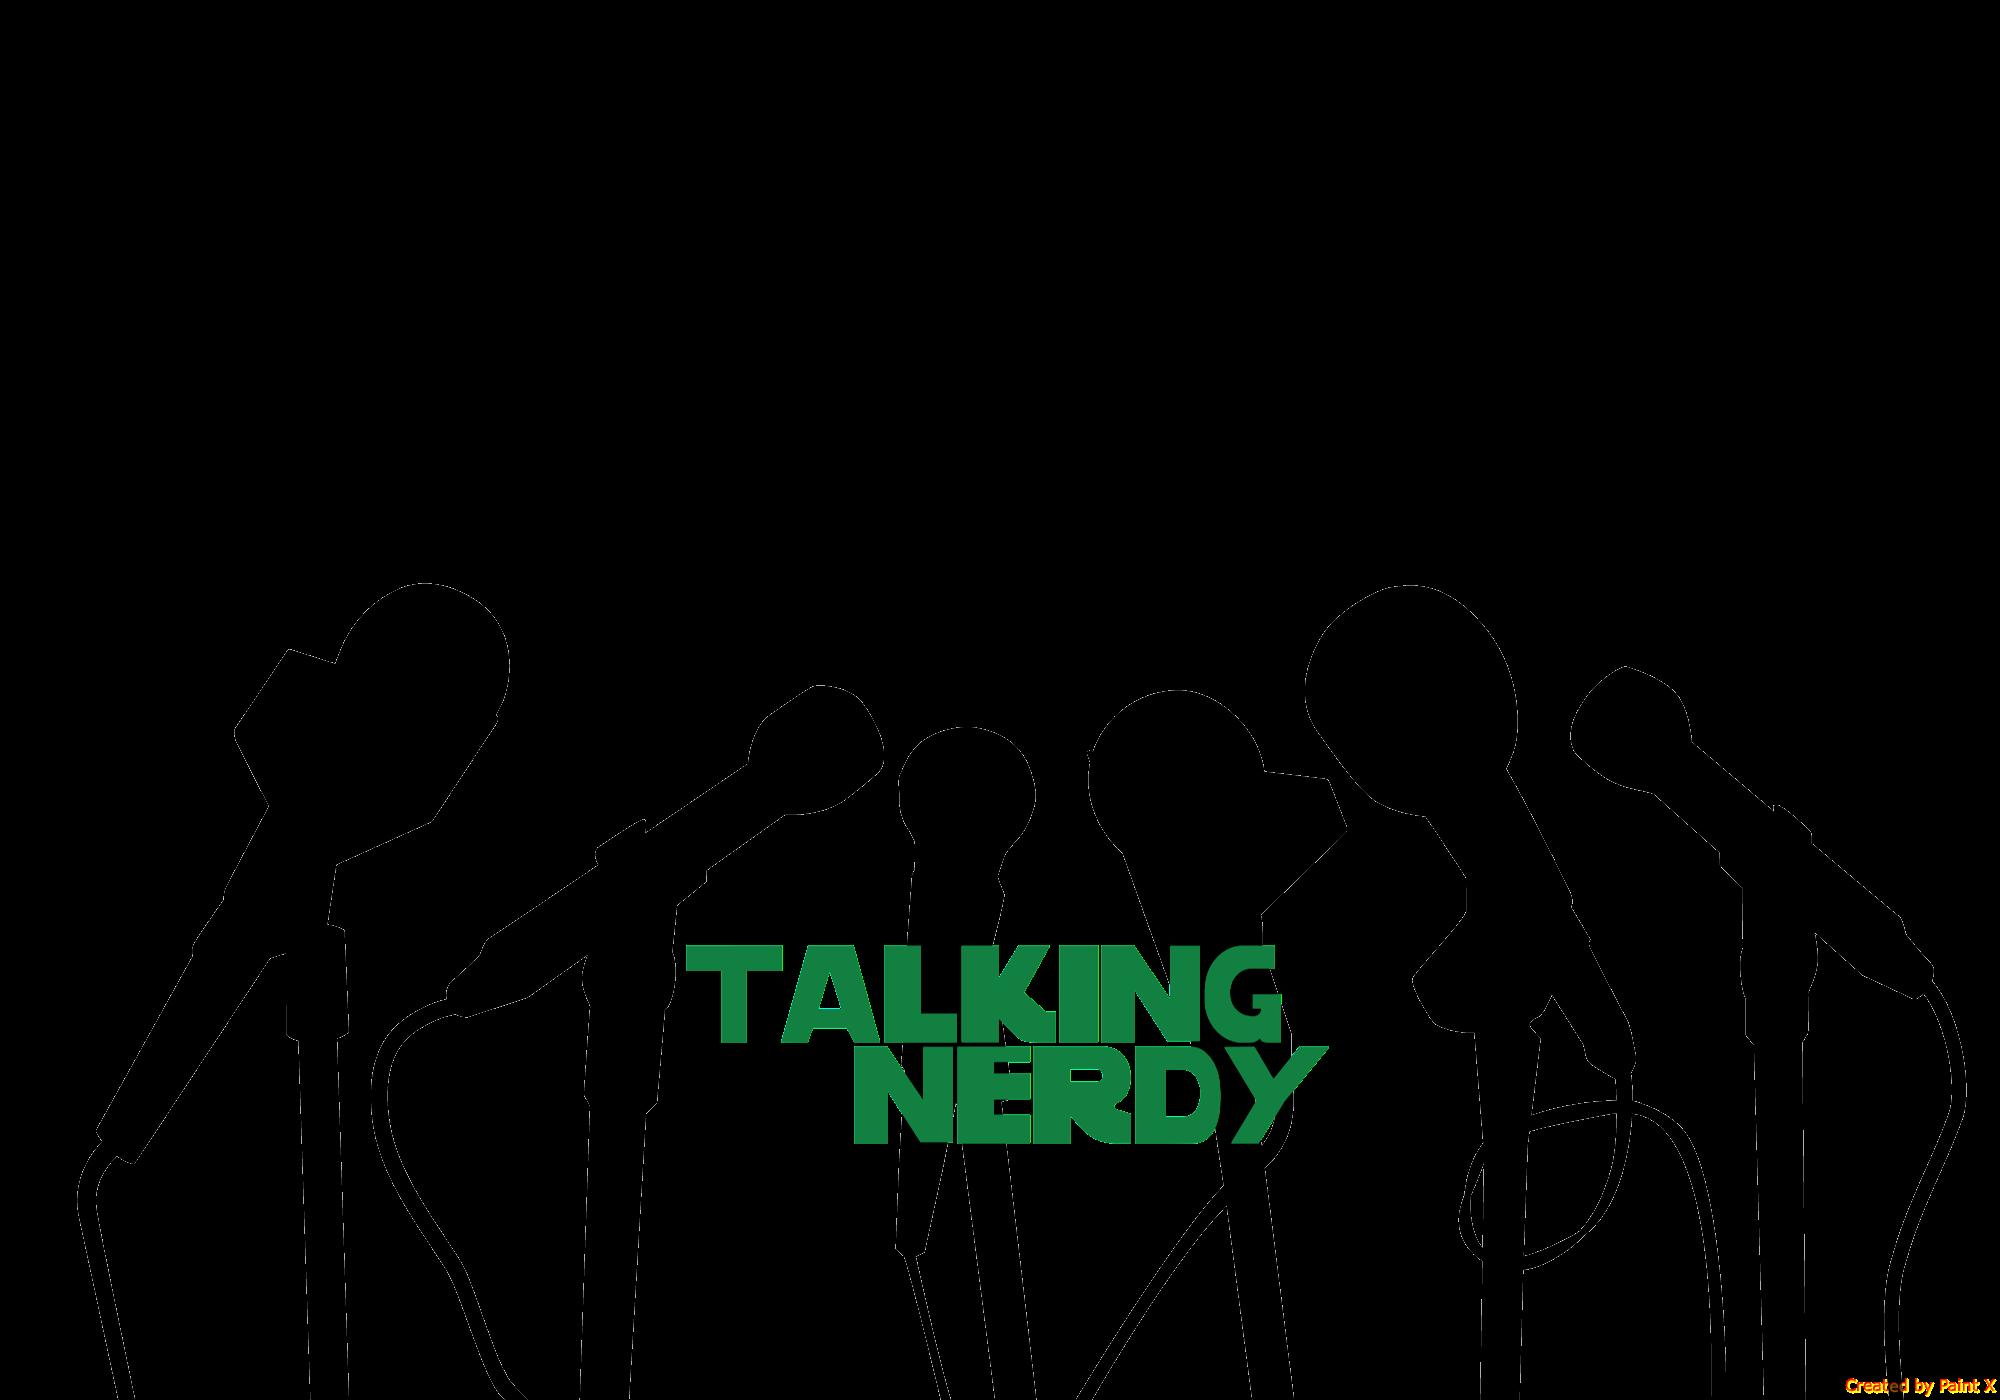 Talking Nerdy